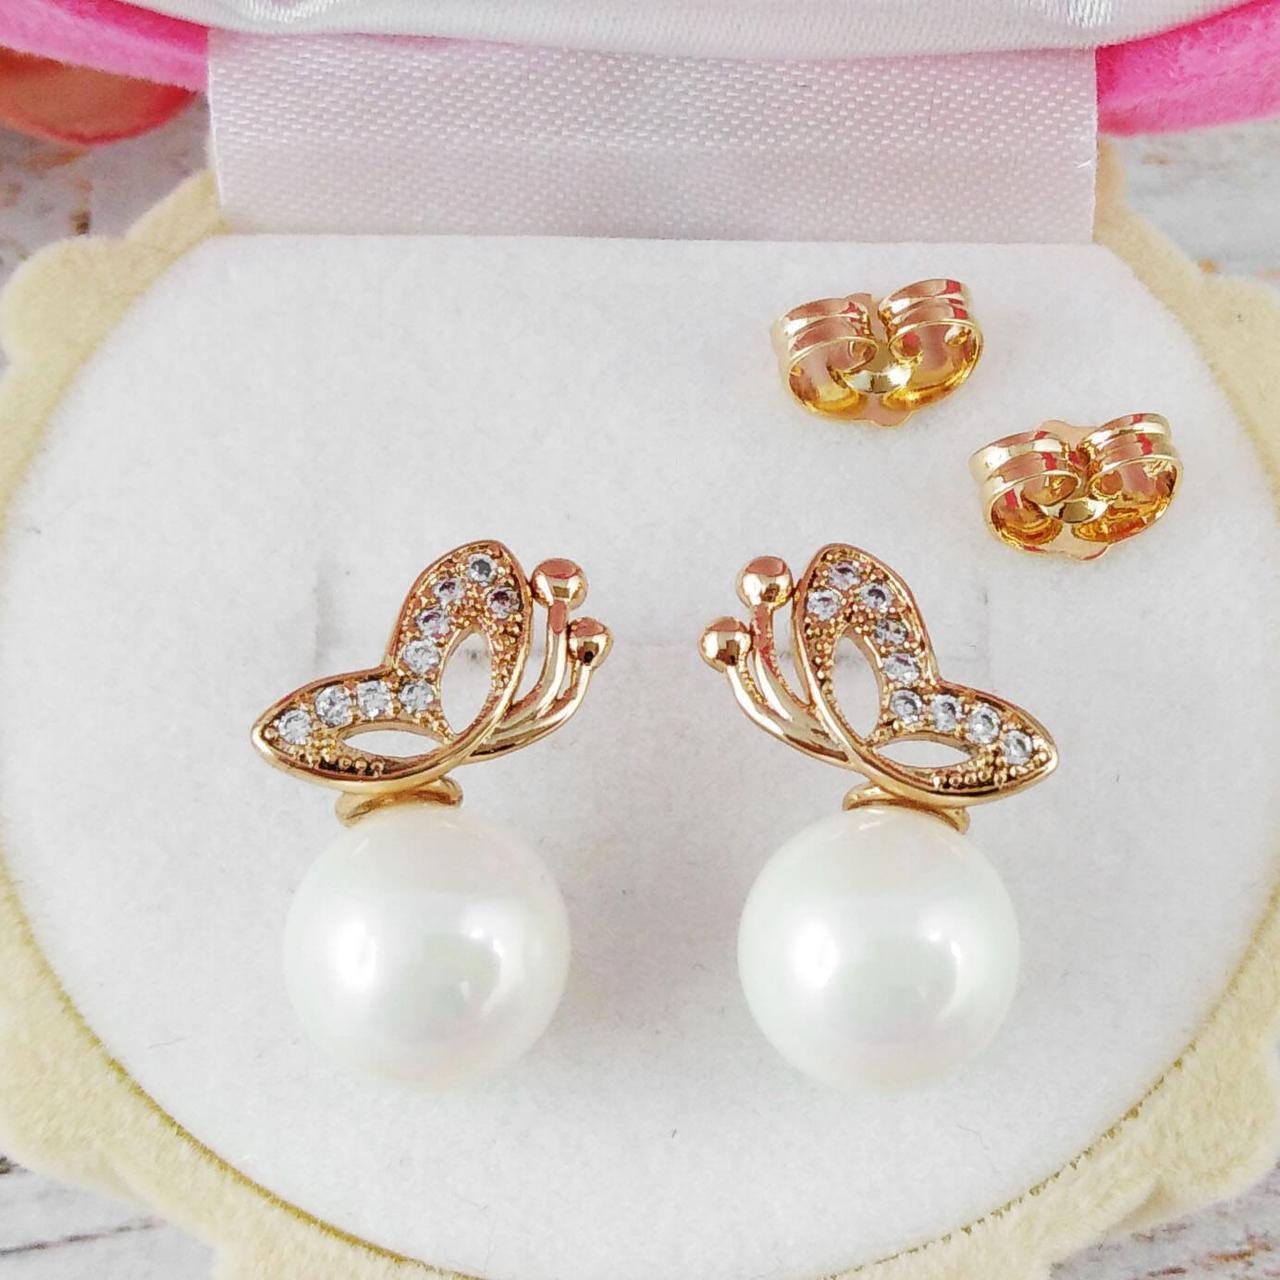 Серьги гвоздики Xuping Jewelry Бабочки с жемчужиной медицинское золото, позолота 18К А/В 5239